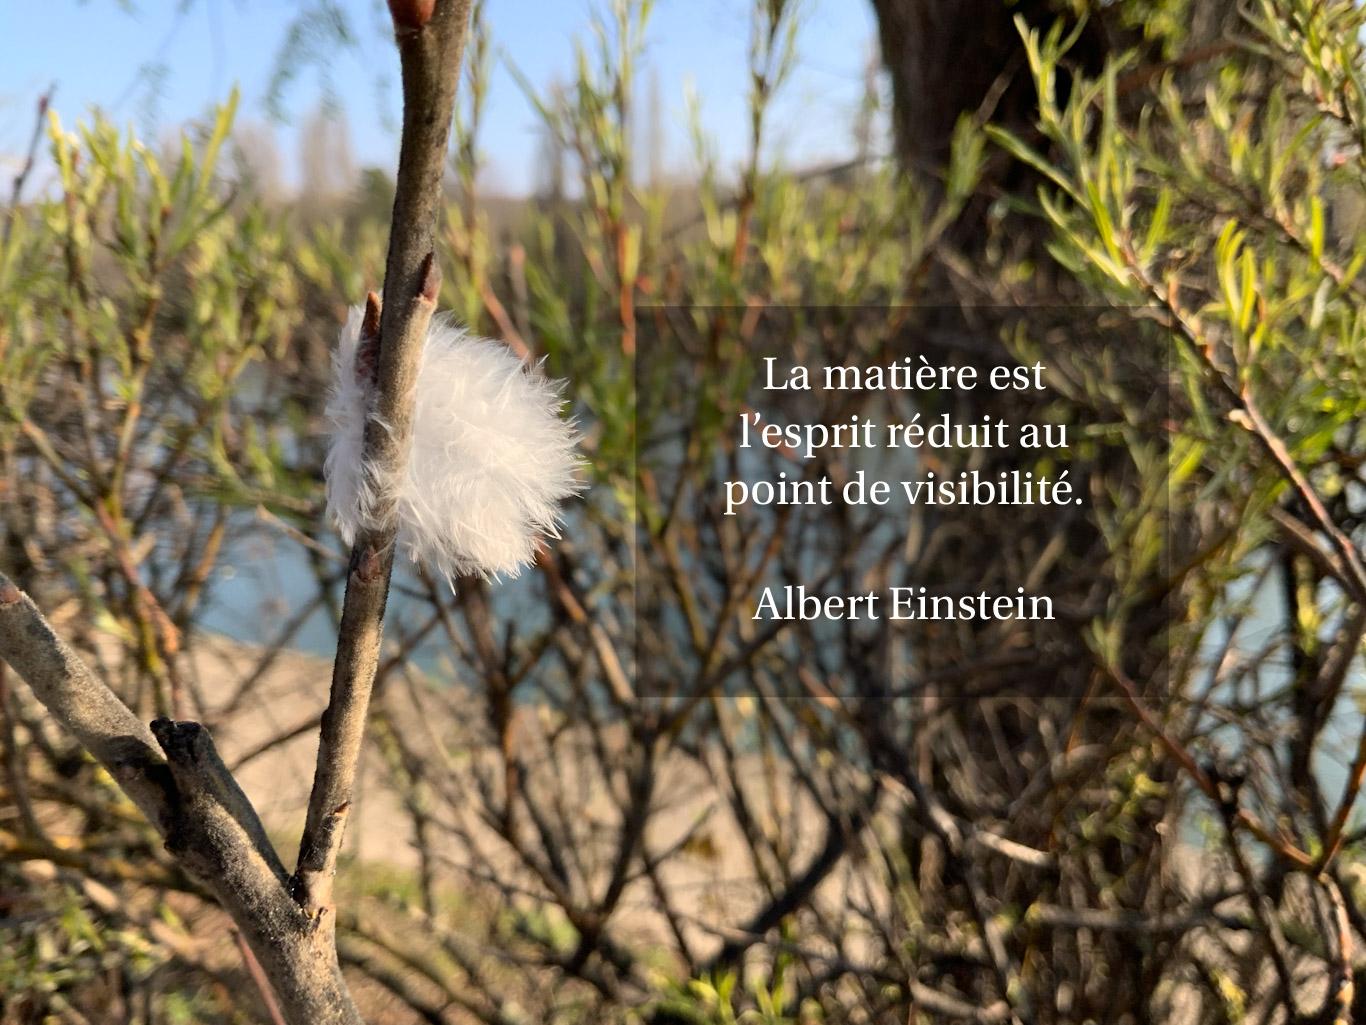 Citation de Albert Einstein sur la matière et l'esprit